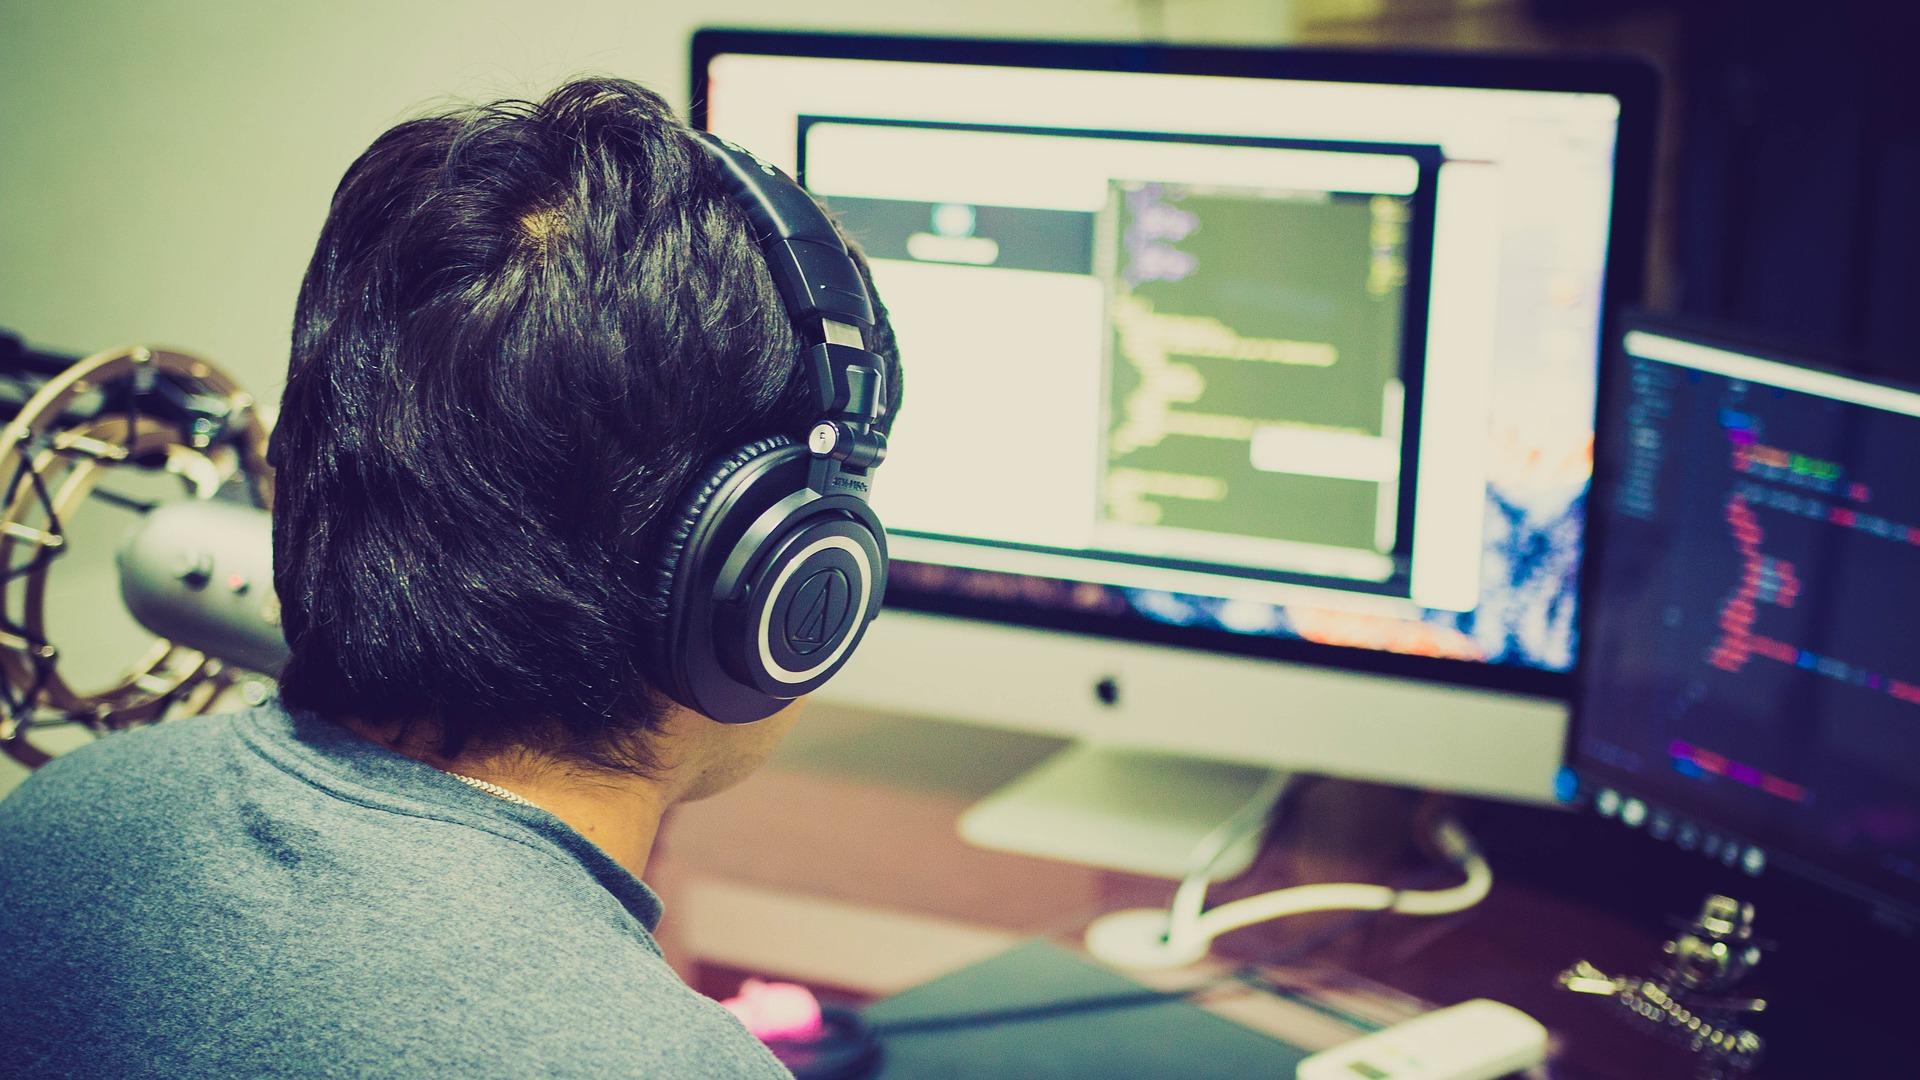 プログラミングを挫折しないコツは、自分のスキルを組み合わせて遊ぶこと